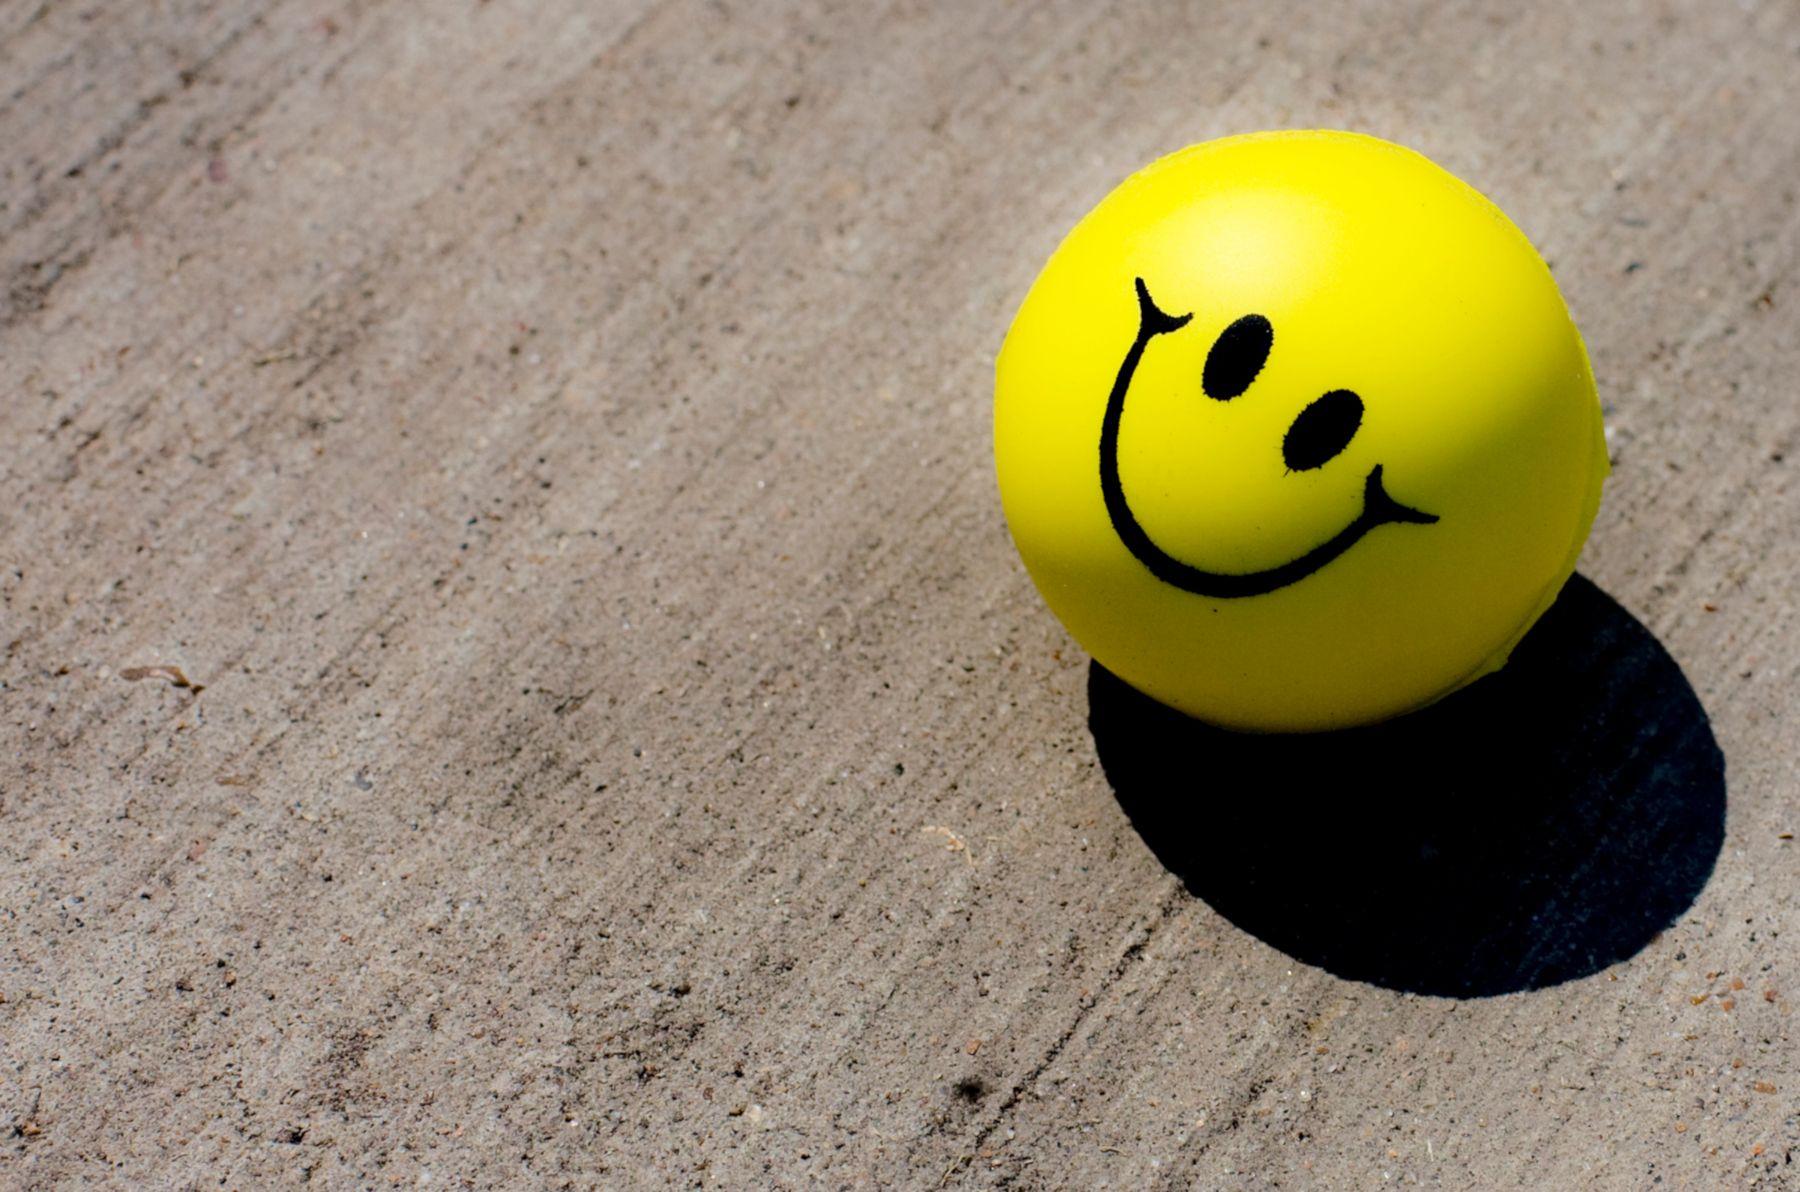 الشعور بالسعادة